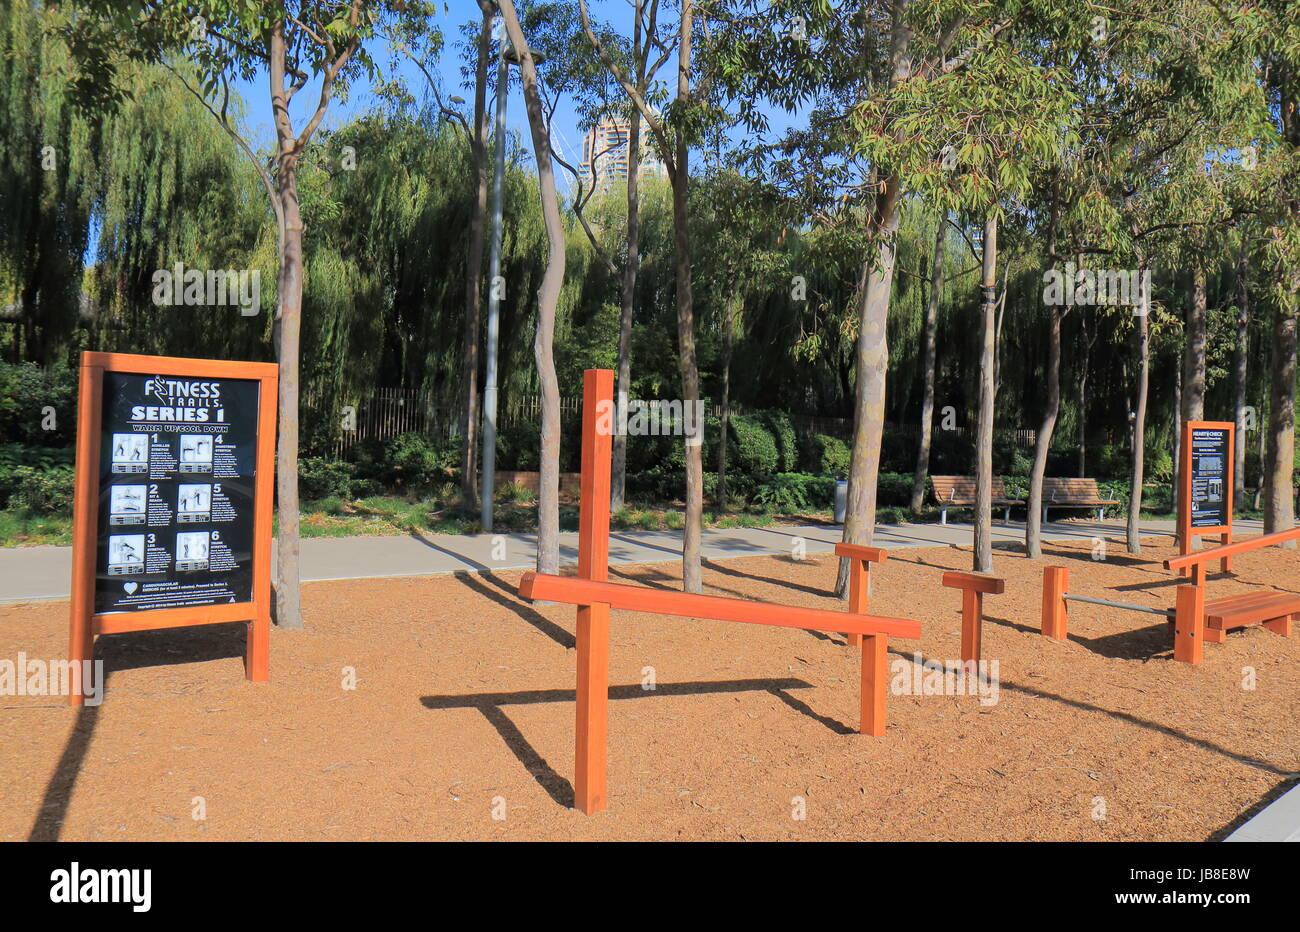 L'équipement d'exercice à Tumbalong Park dans le centre-ville de Sydney en Australie. Photo Stock